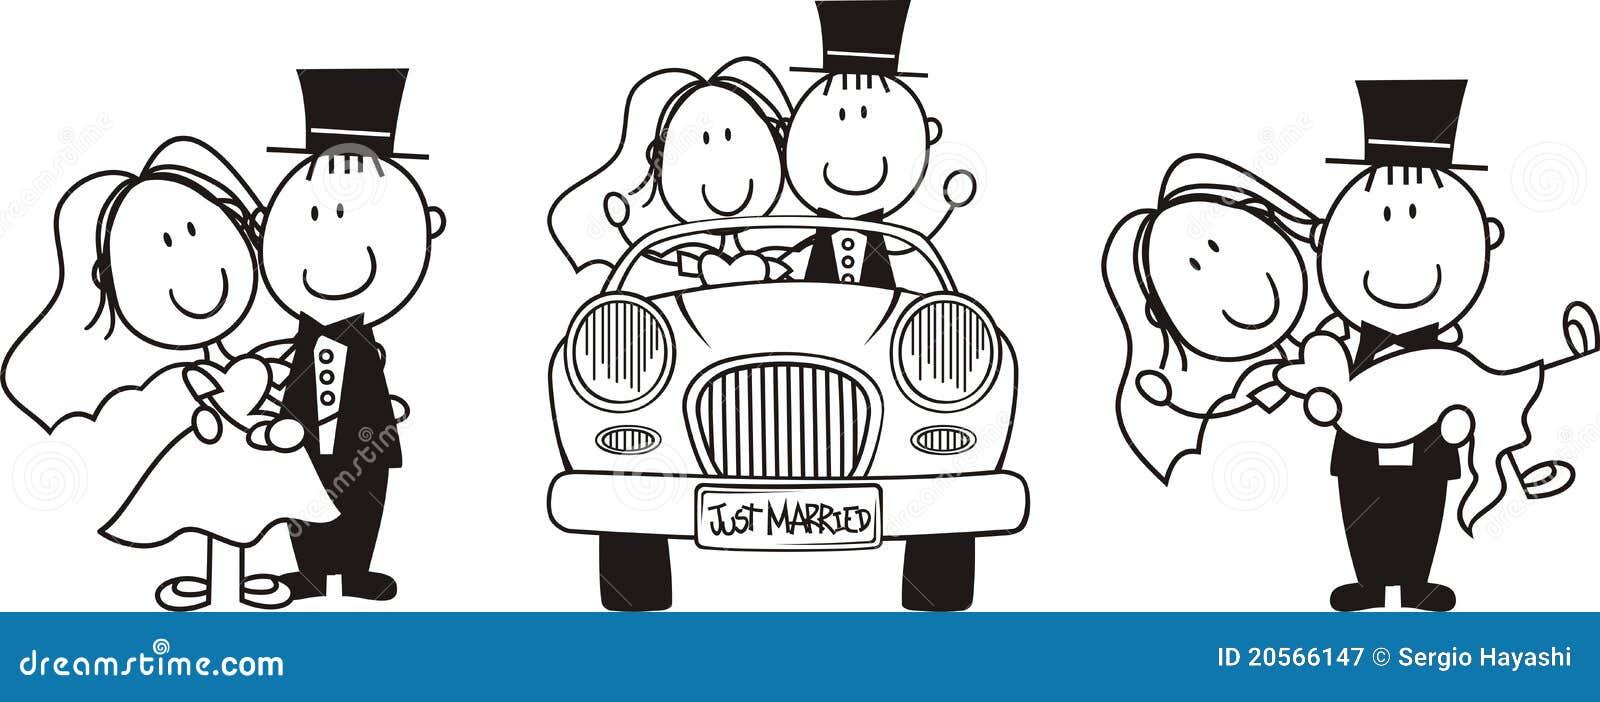 смешные свадебные картинки черно-белые